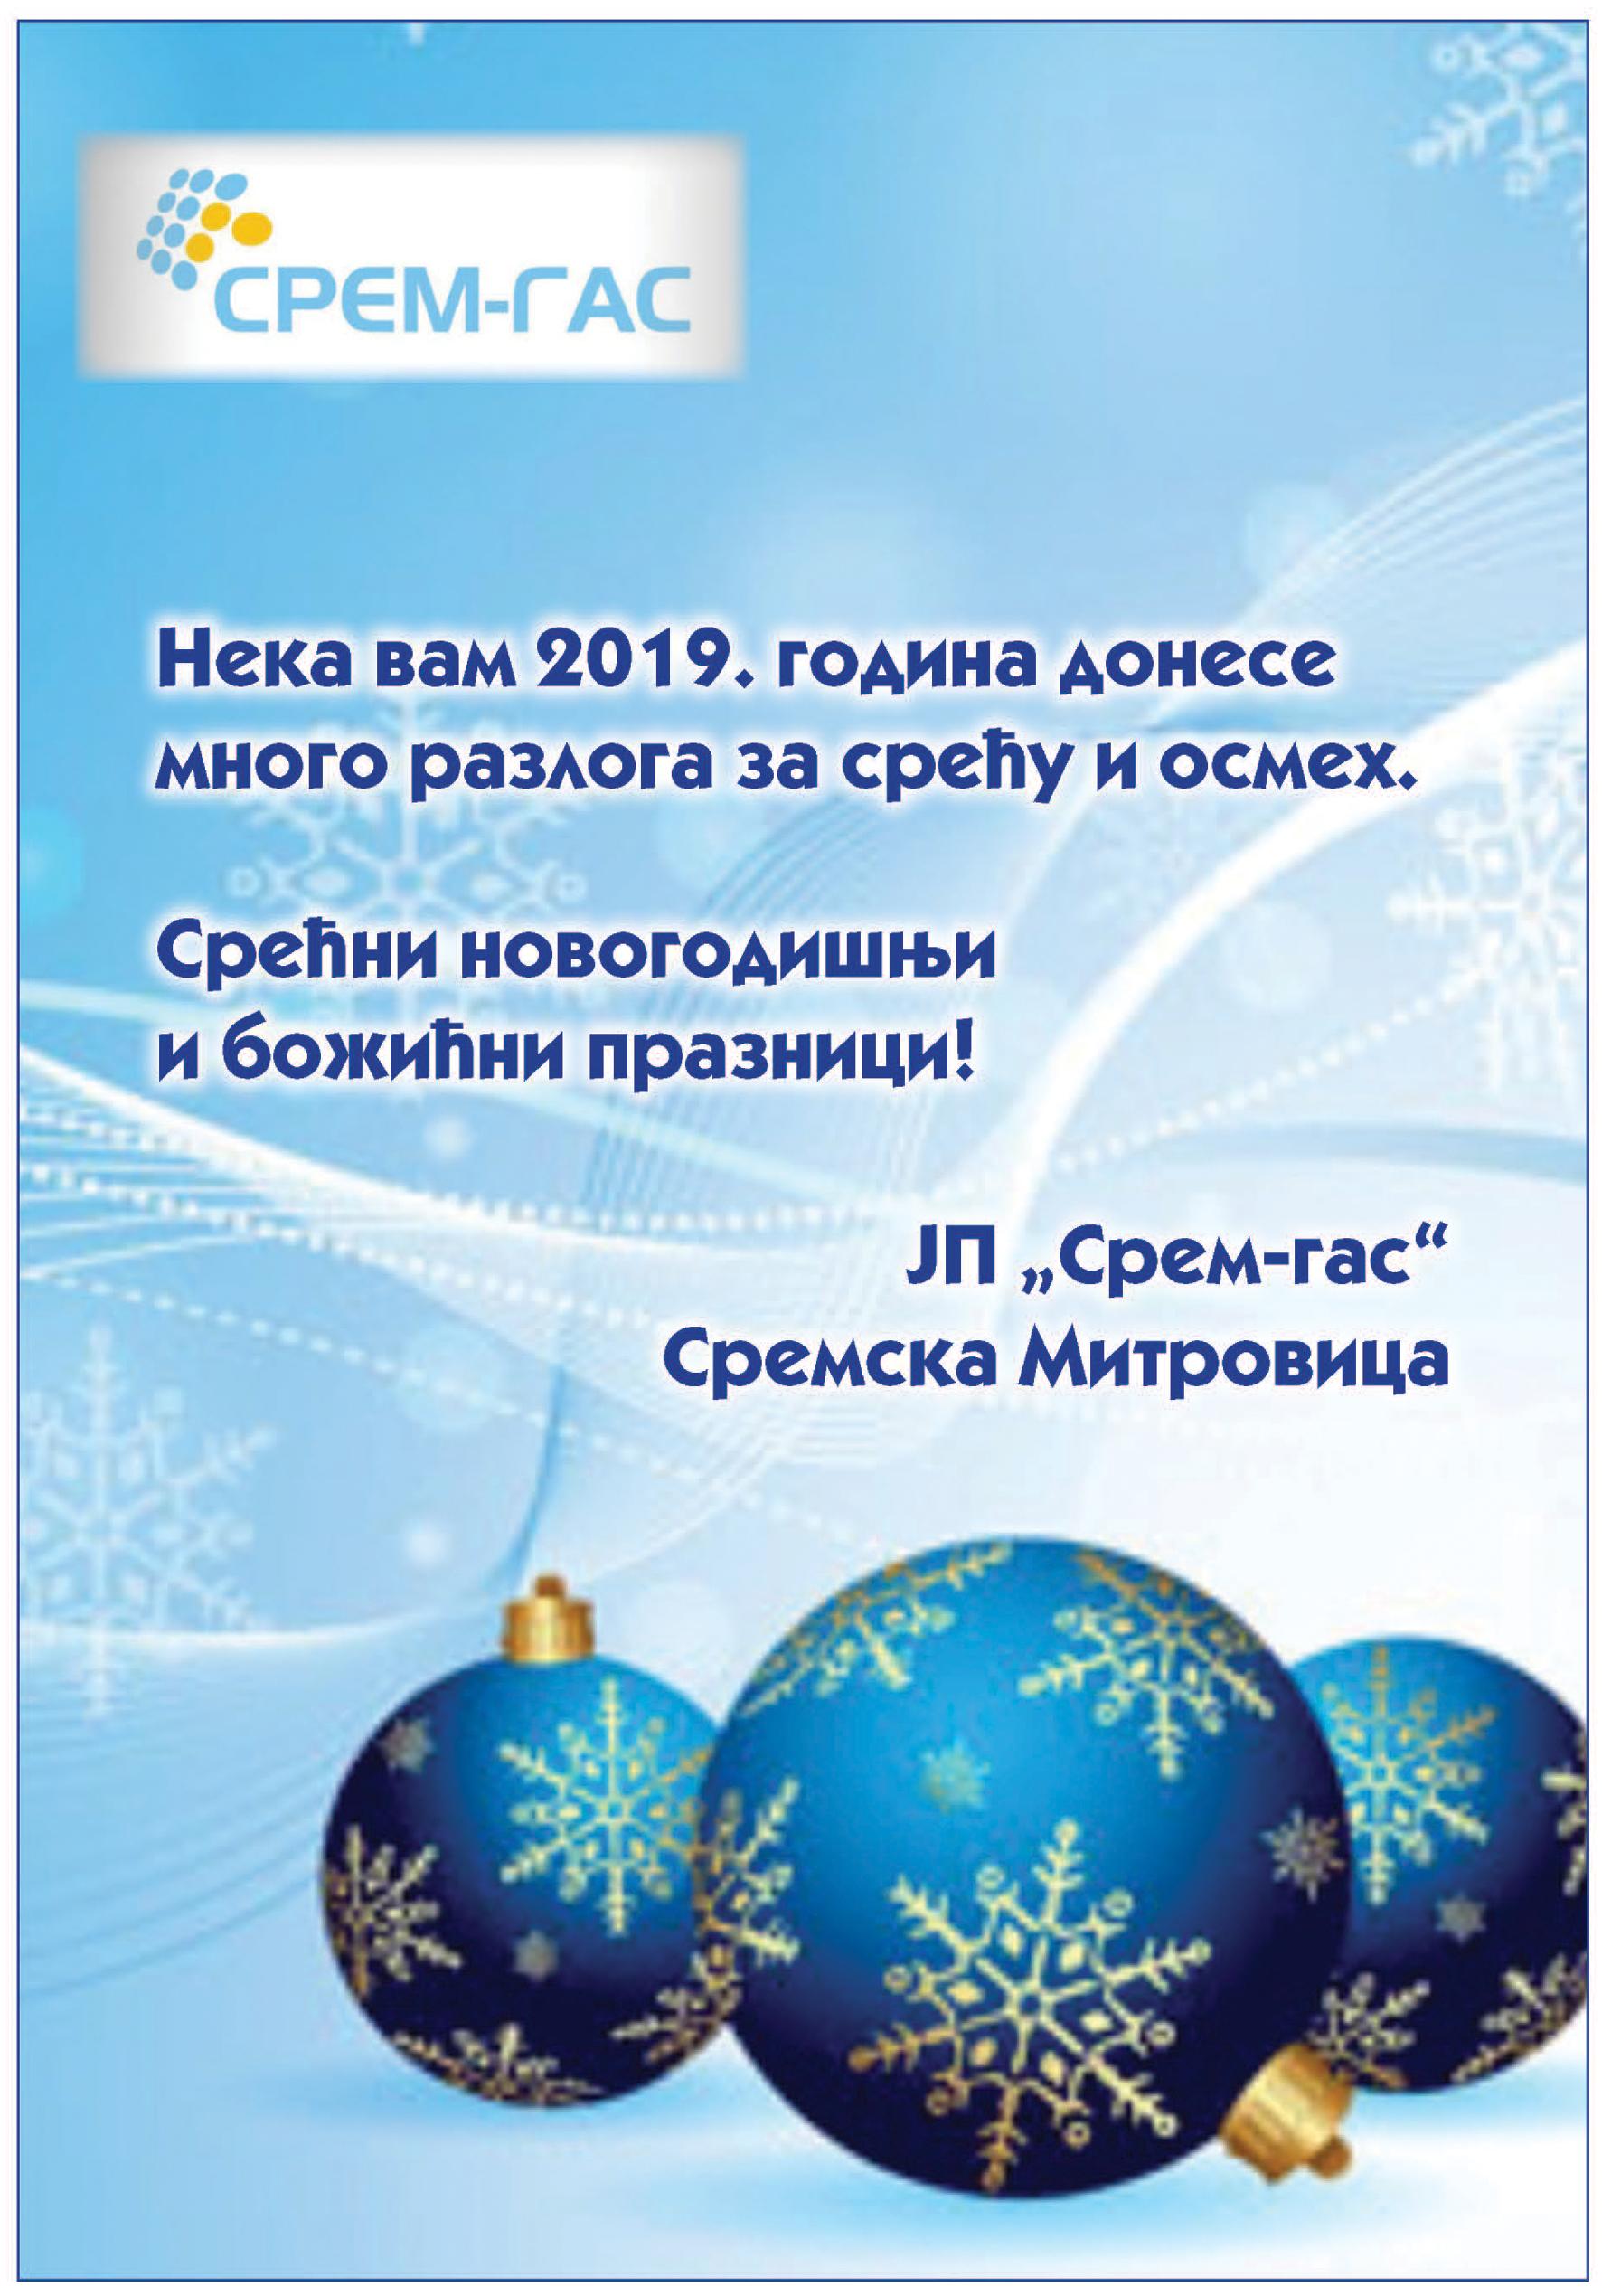 Radno vreme tokom novogodišnjih i božićnih praznika